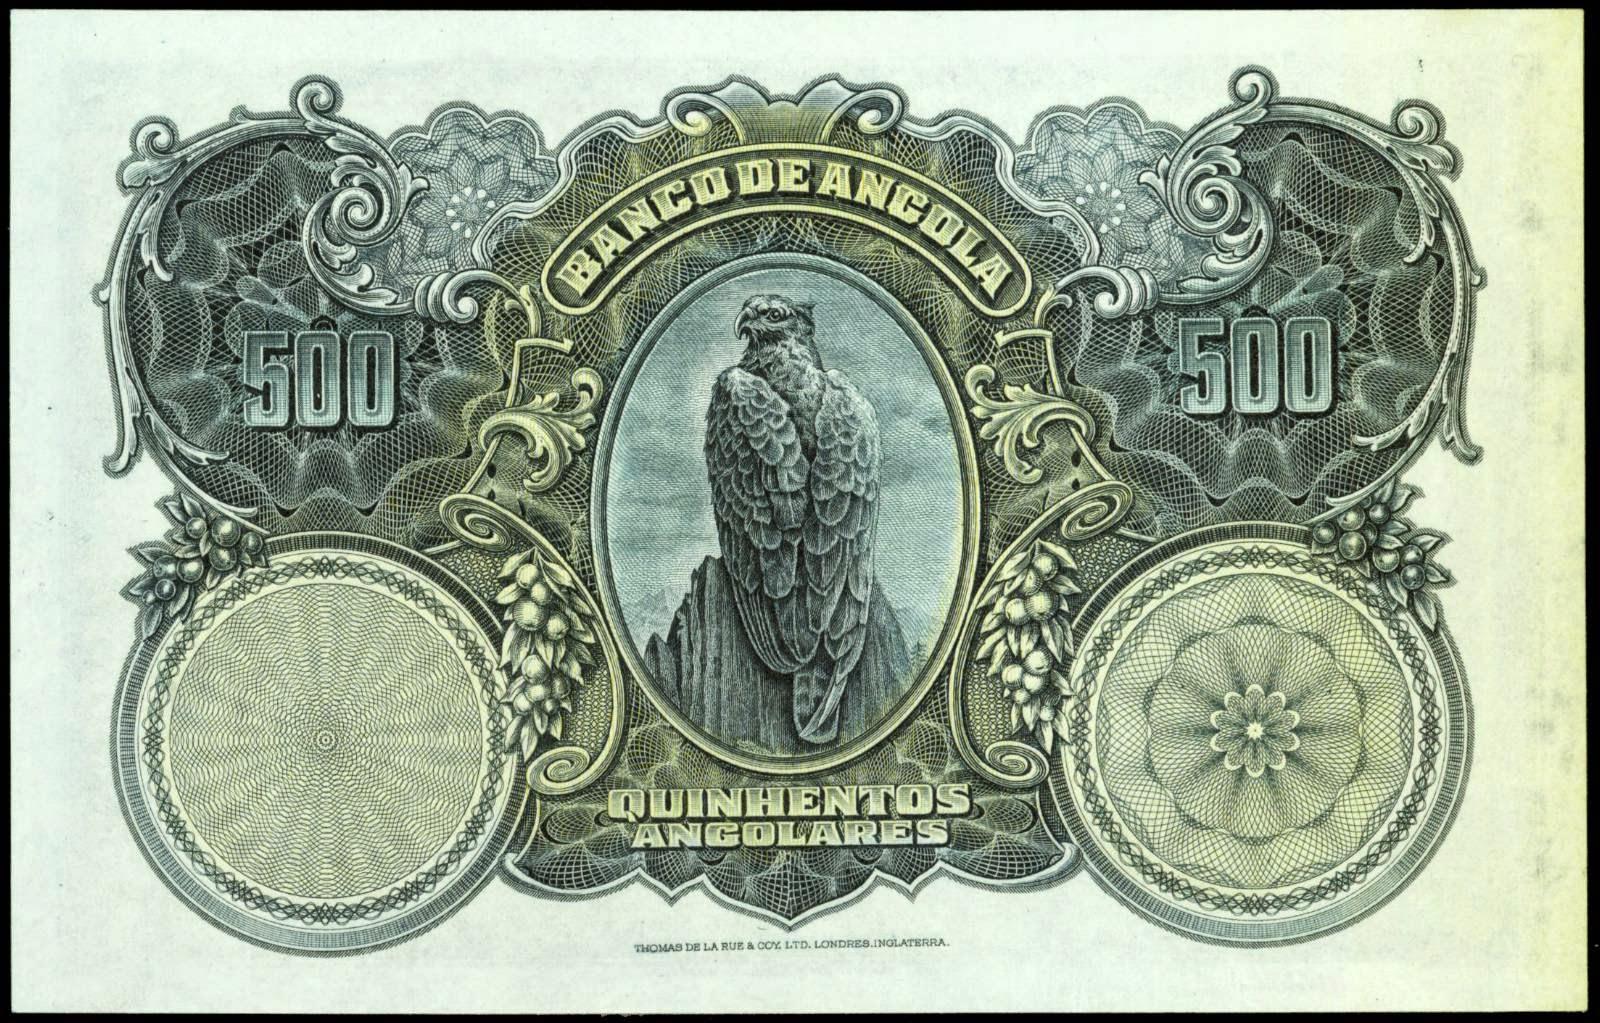 Angola 500 Angolares banknote 1927 eagle